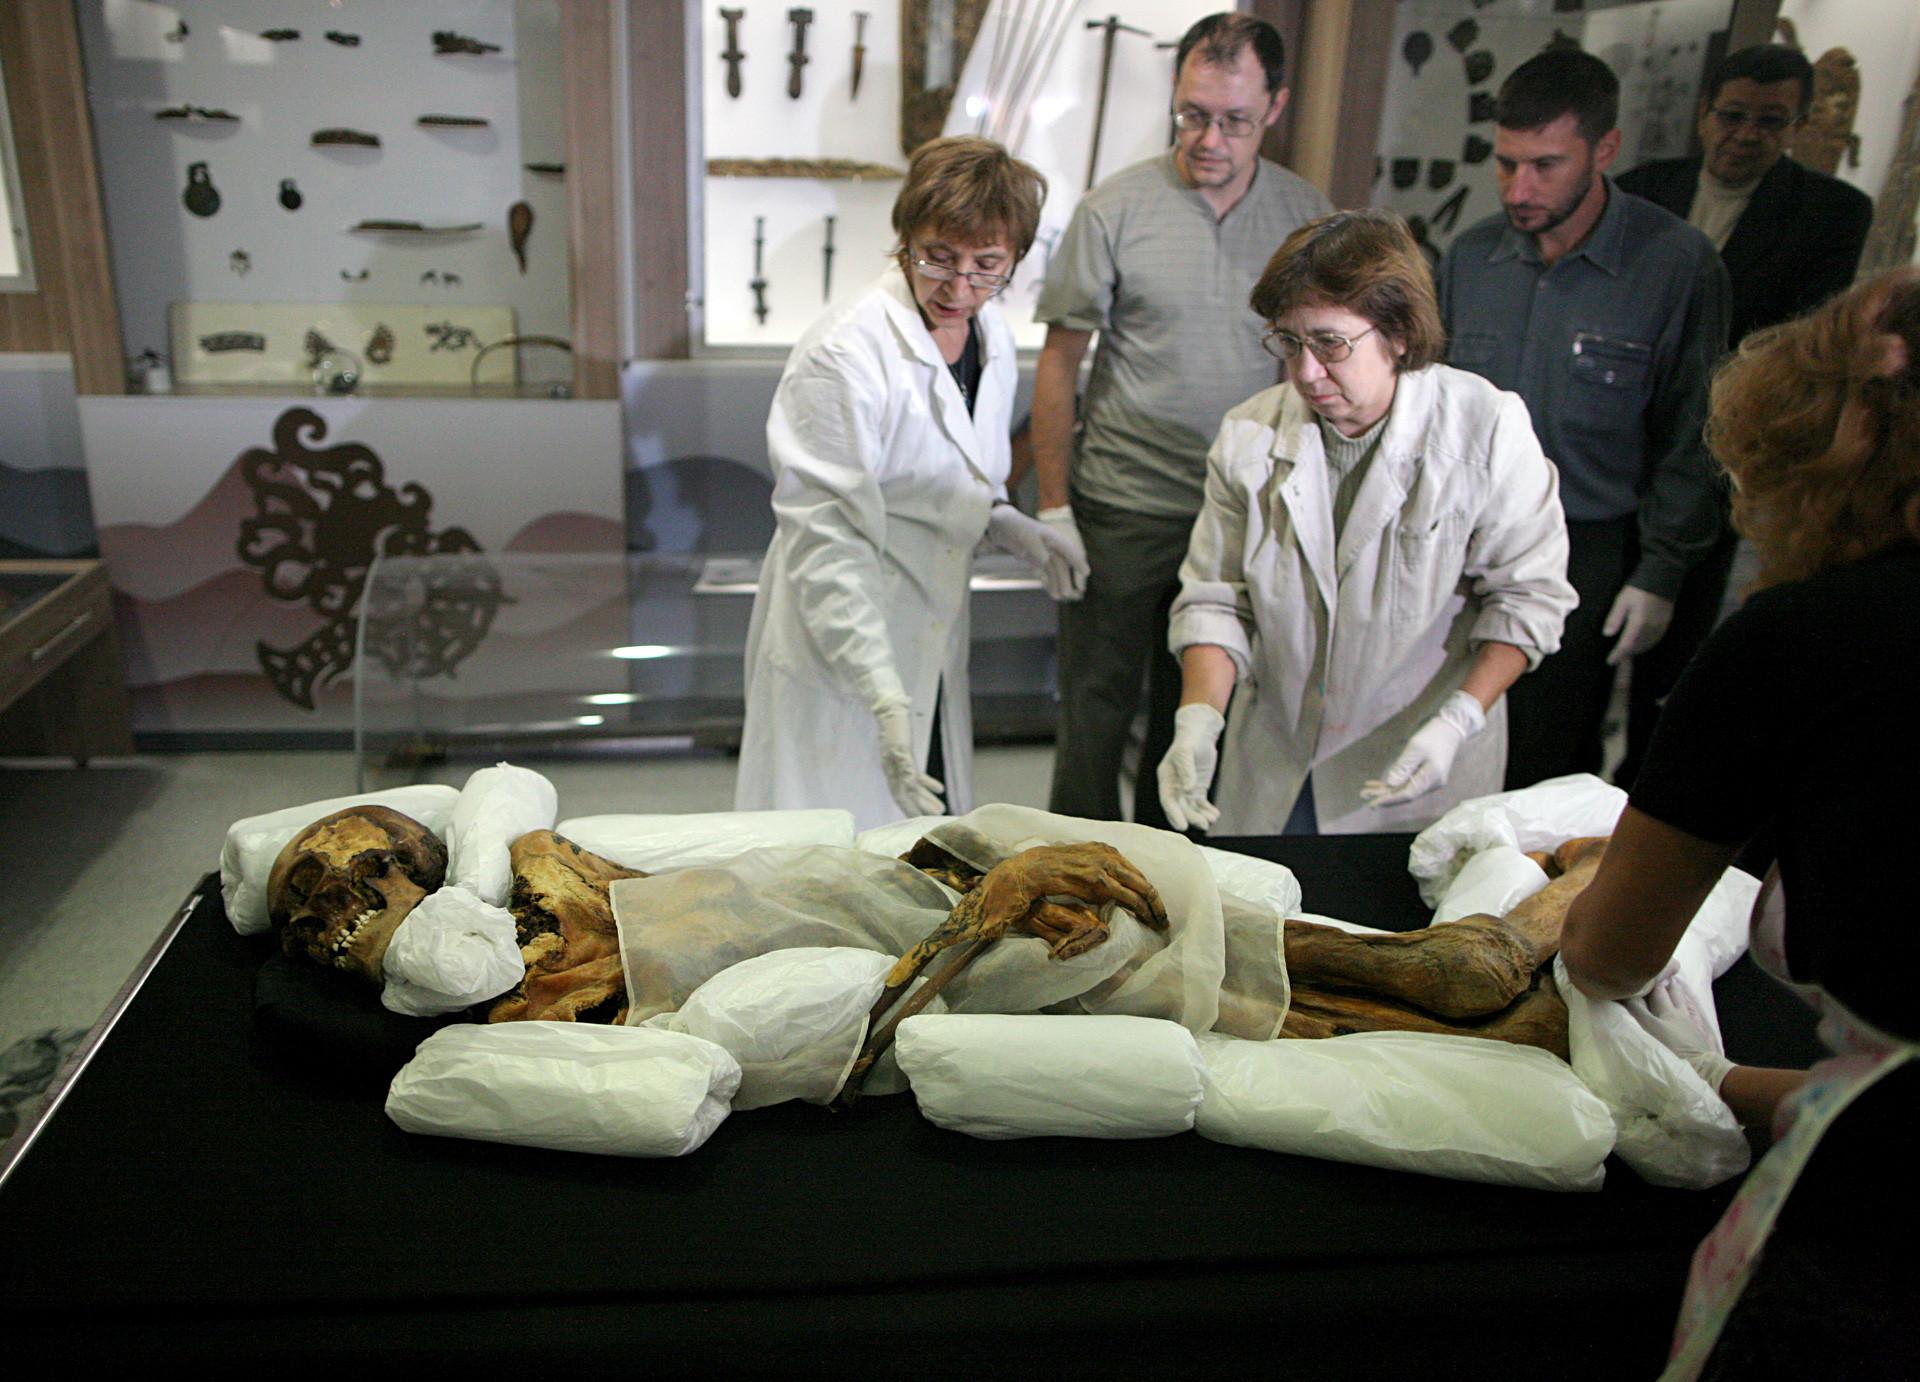 La princesa de Ukok es la momia de una mujer de 25 años que pertenecía a la antigua cultura nómada pazyryk, que existió en la república de Altái entre los siglos V y III a. C.